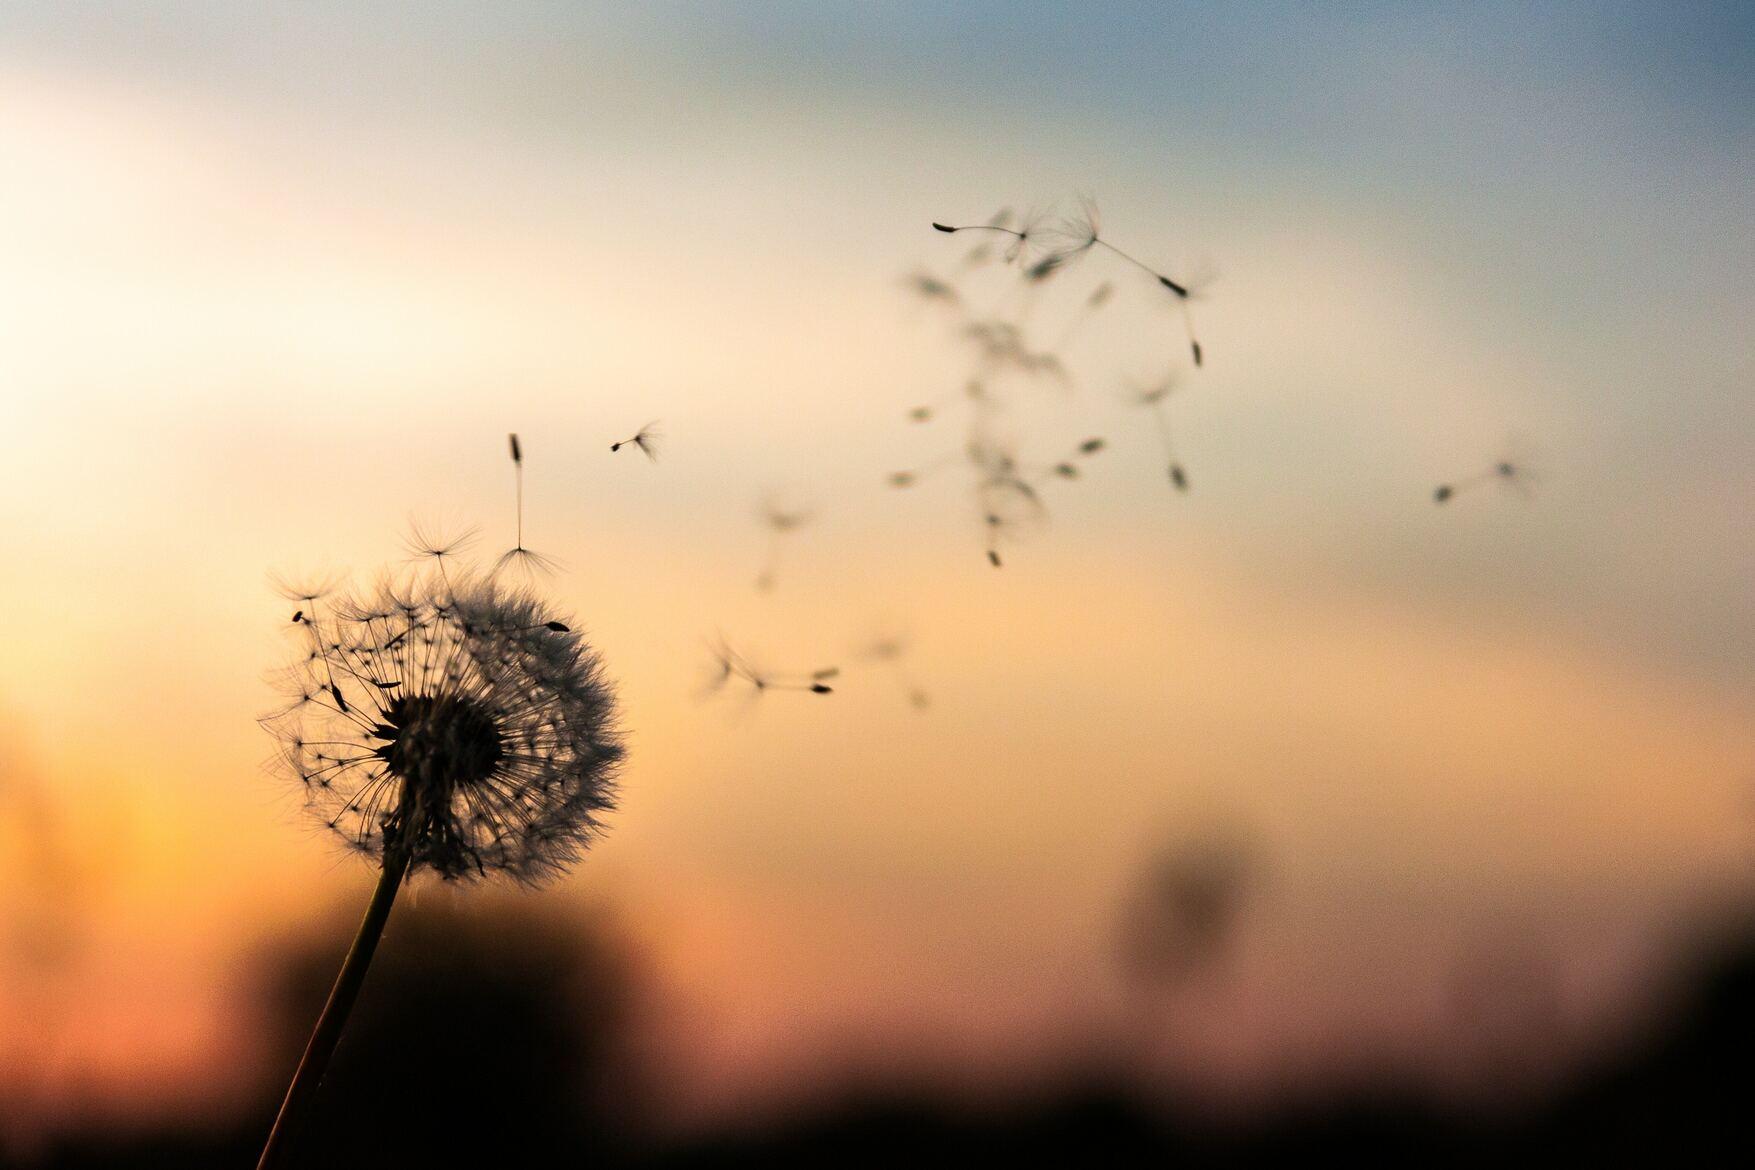 Flor dente de leão no foco se desfazendo com o vento com fundo desfocado com por do sol